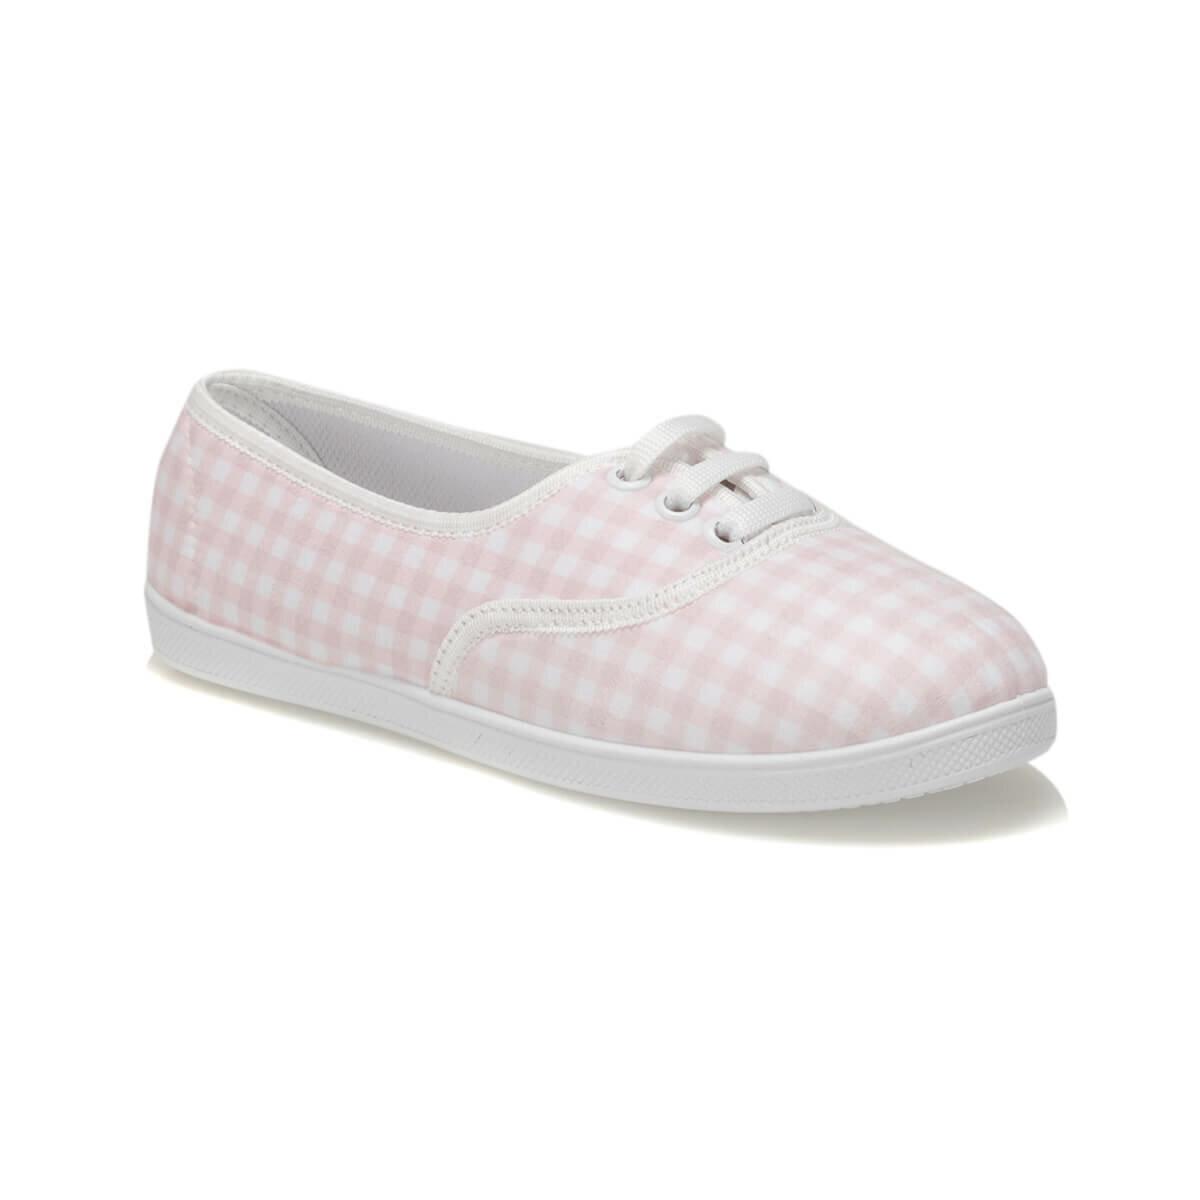 FLO 91. 313446.Z Powder Women 'S Sneaker Shoes Polaris